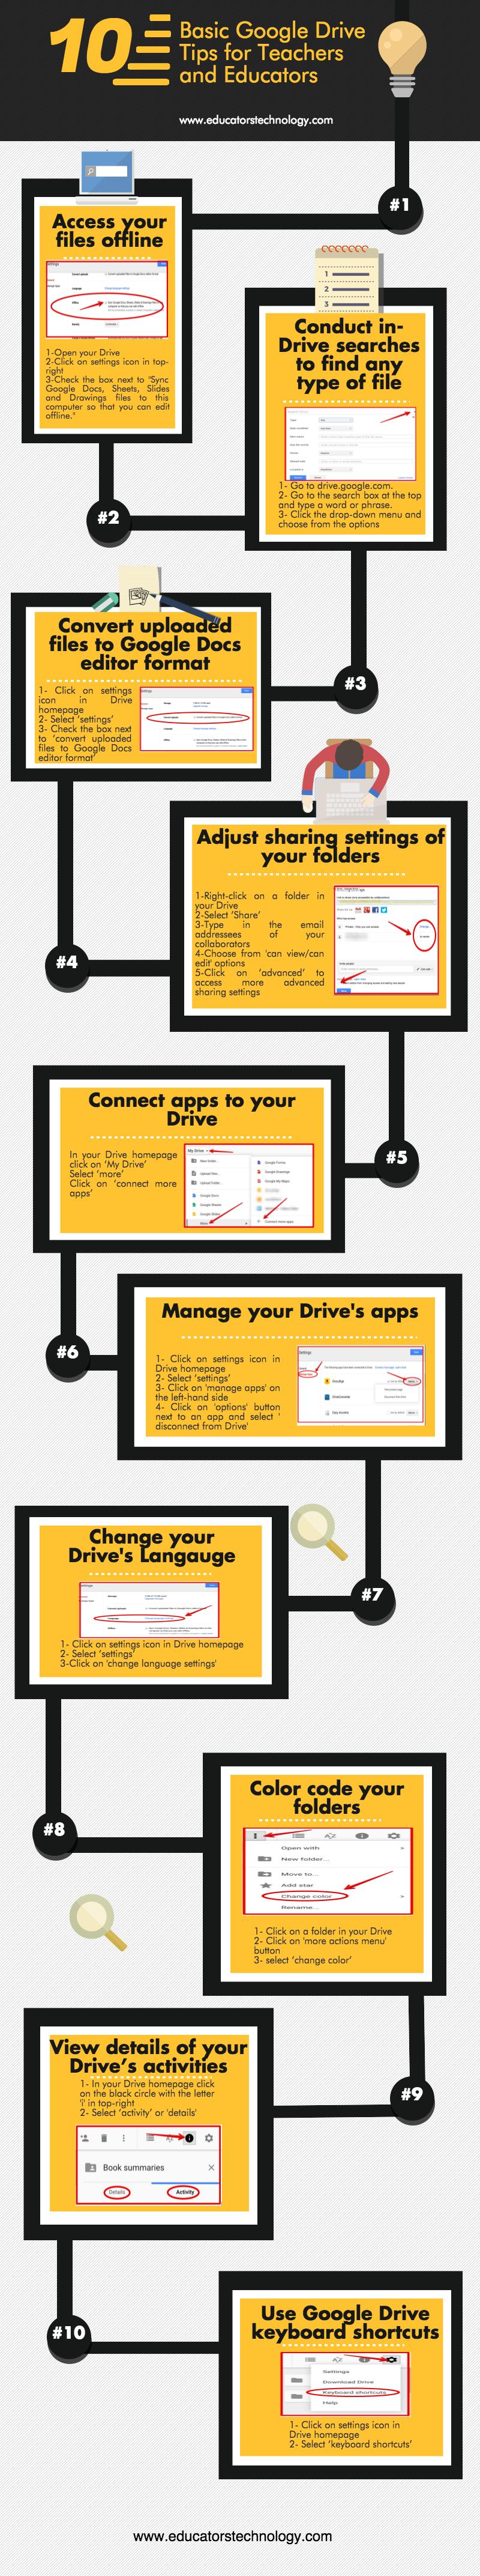 Google Drive Tips for Teachers